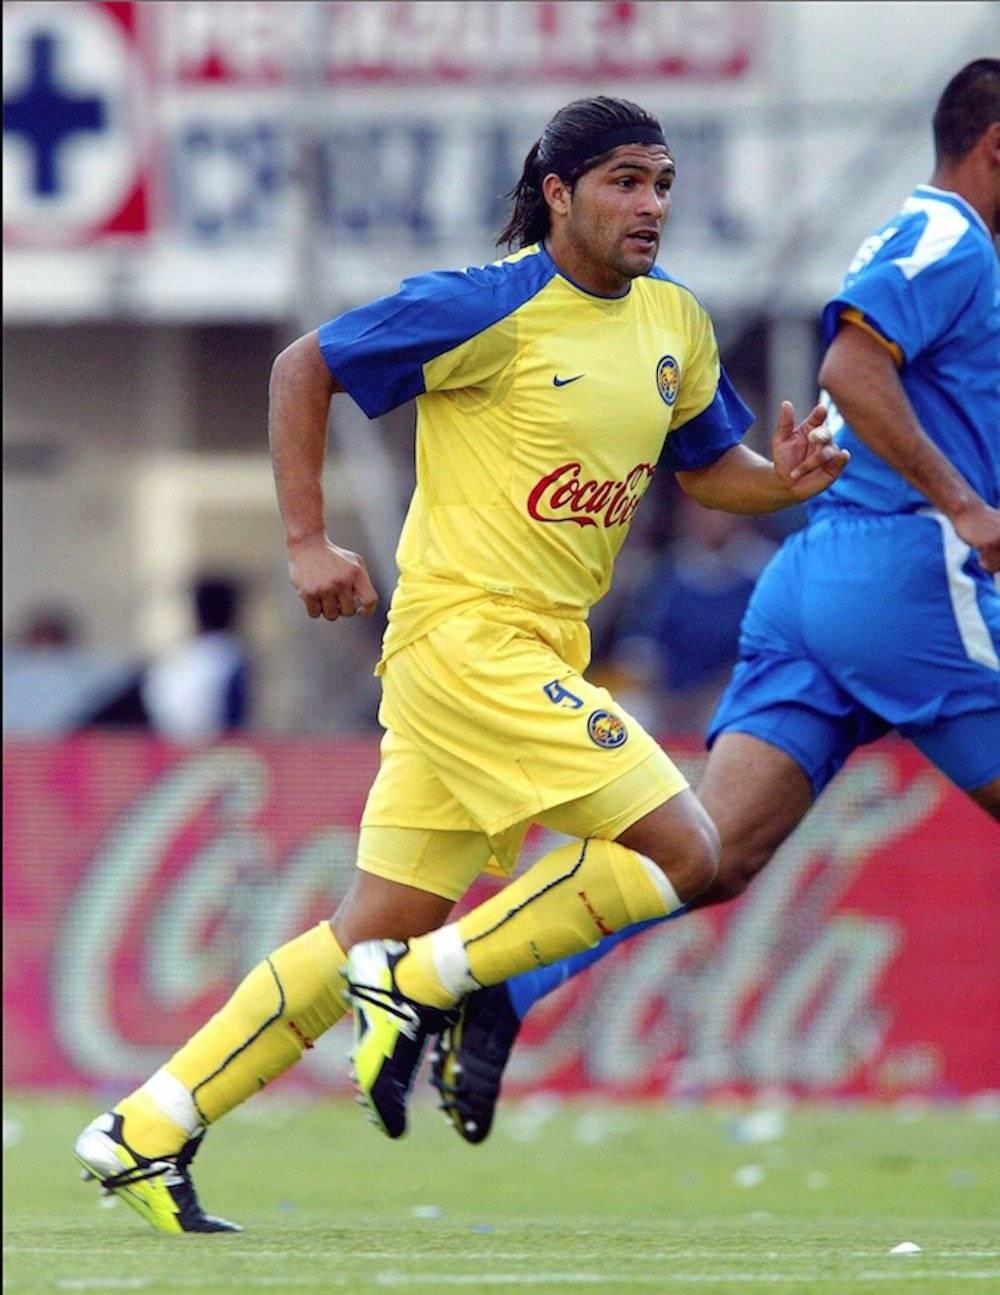 Reinaldo Navia / Mexsport